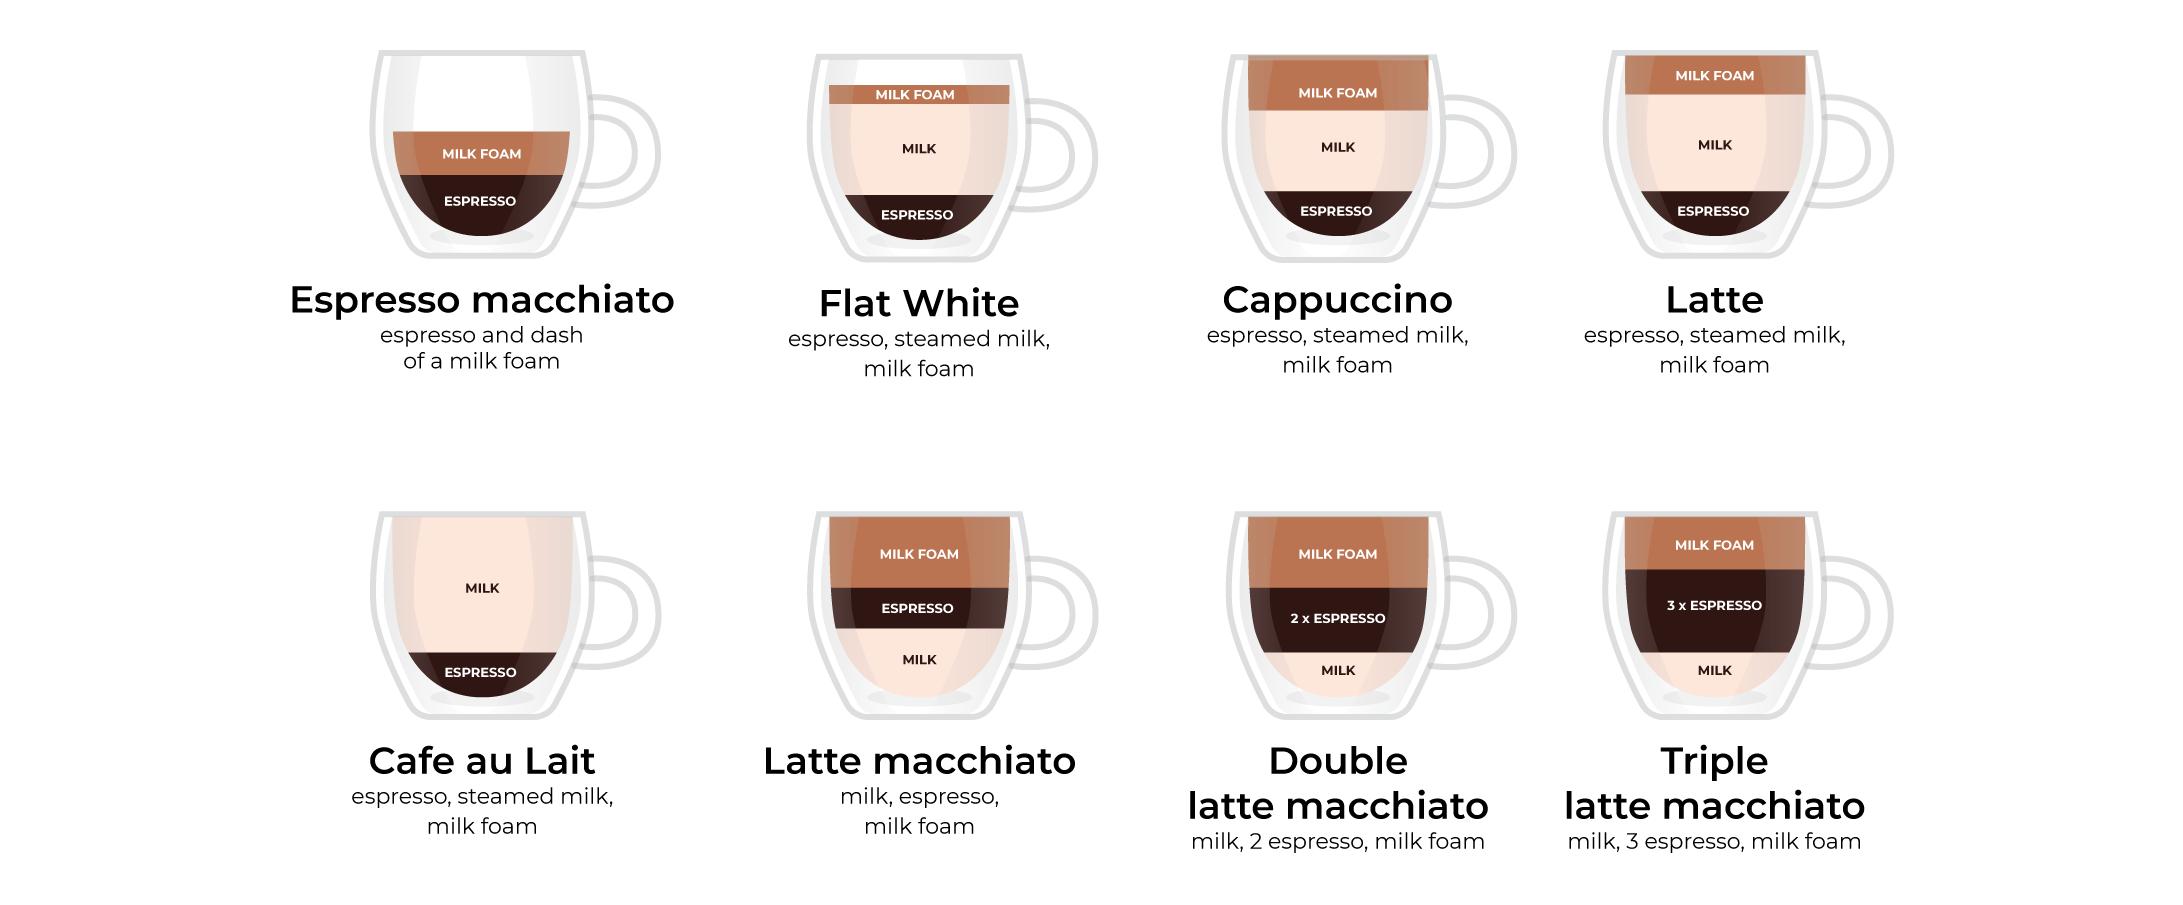 Pieniškos kavos